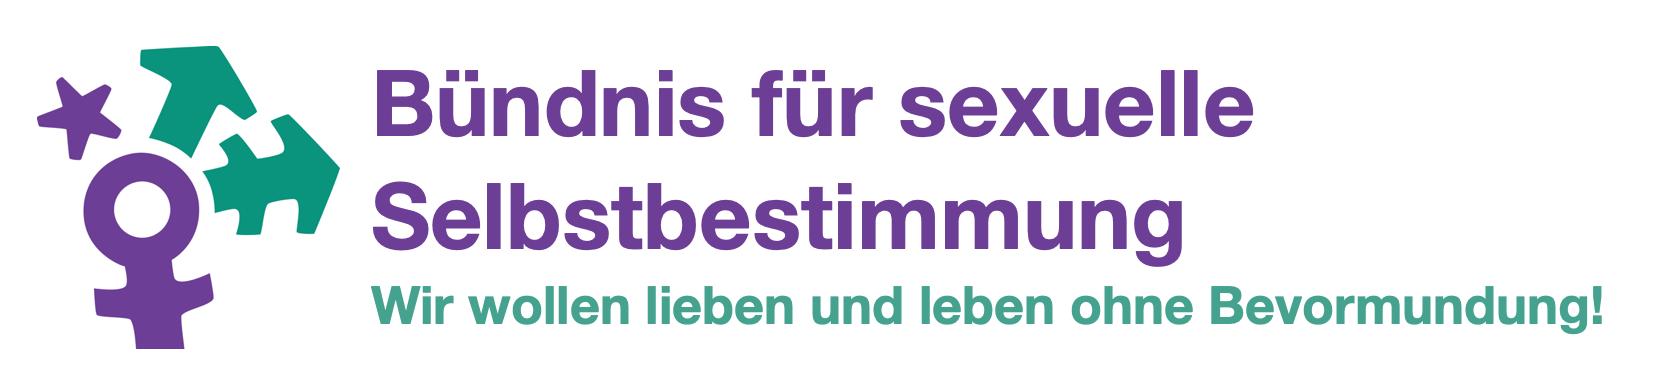 Bündnis für sexuelle Selbstbestimmung